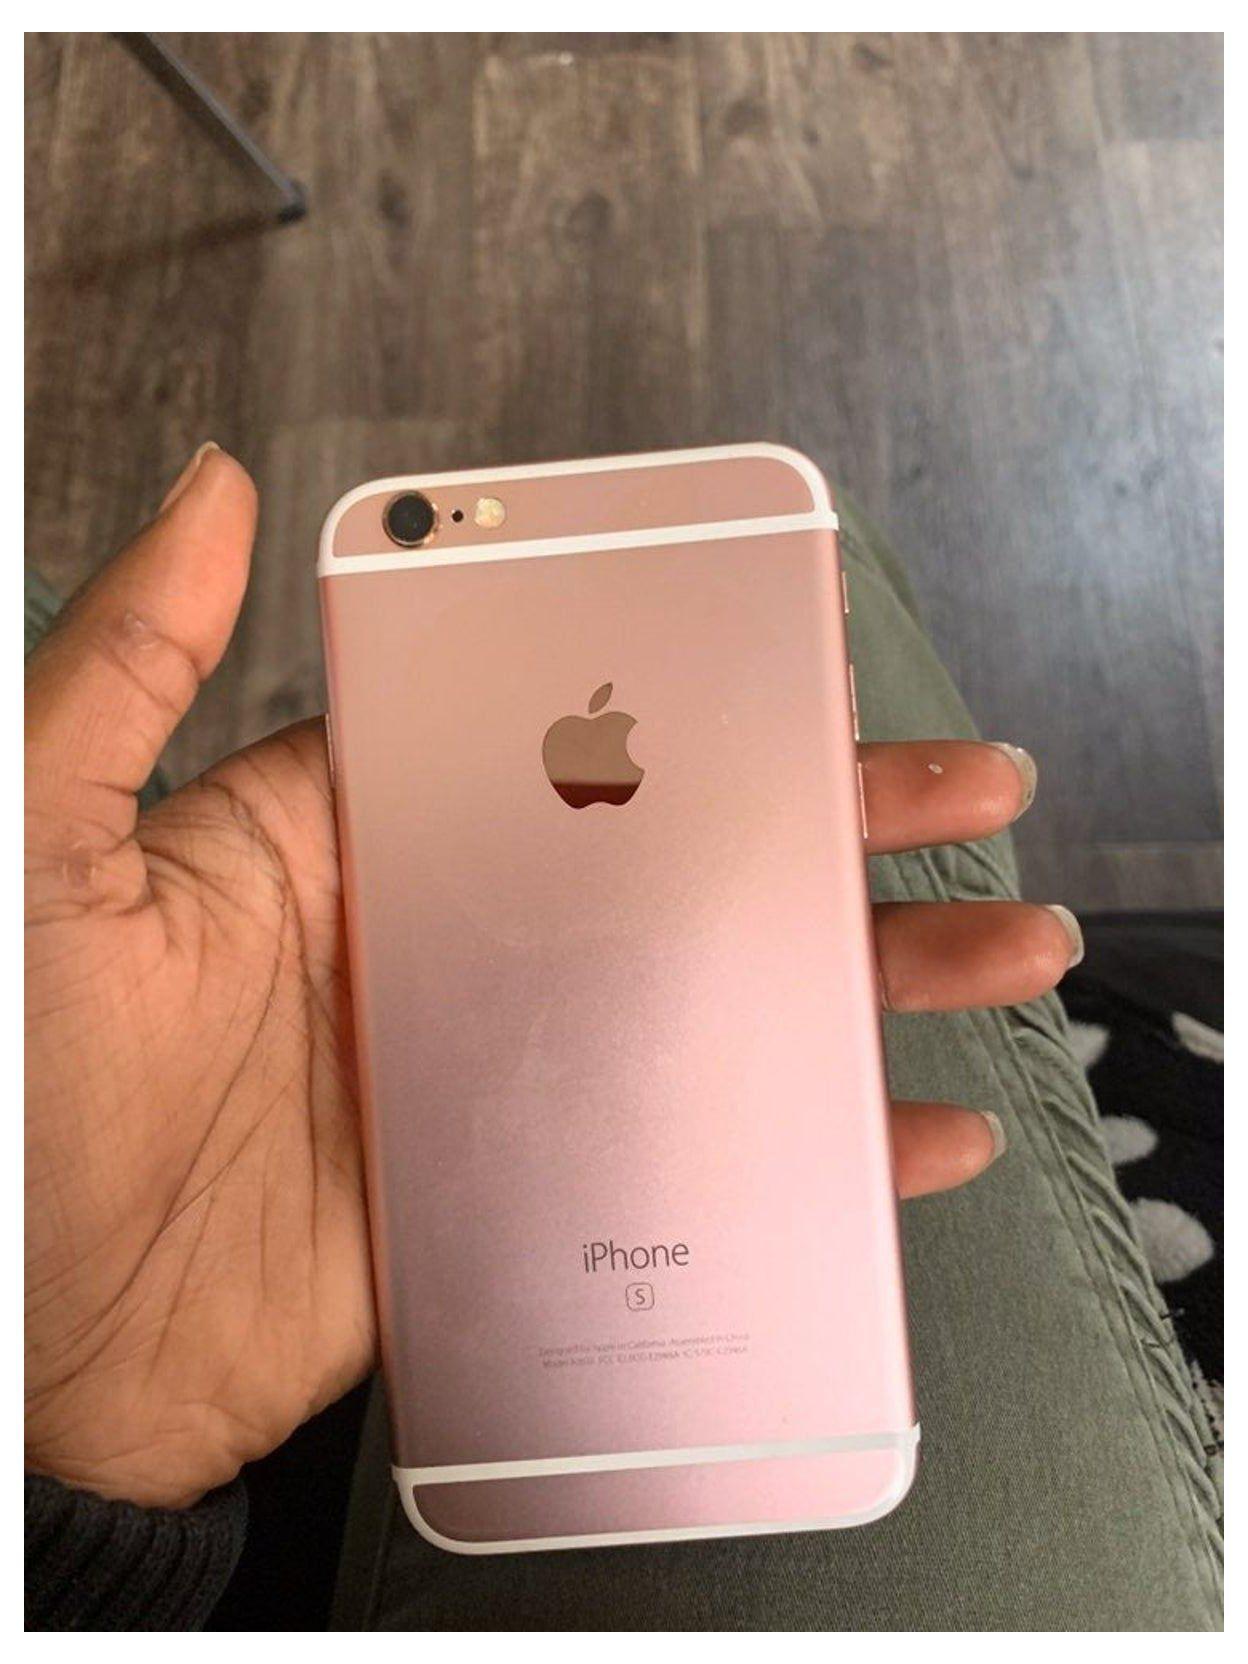 Iphone 6s Plus Rose Gold 32gb On Mercari Iphone 6s Plus Rose Gold Accessories Iphone6splusrosegoldaccessories Iphone 6s Rose Gold Iphone Iphone 6s Gold